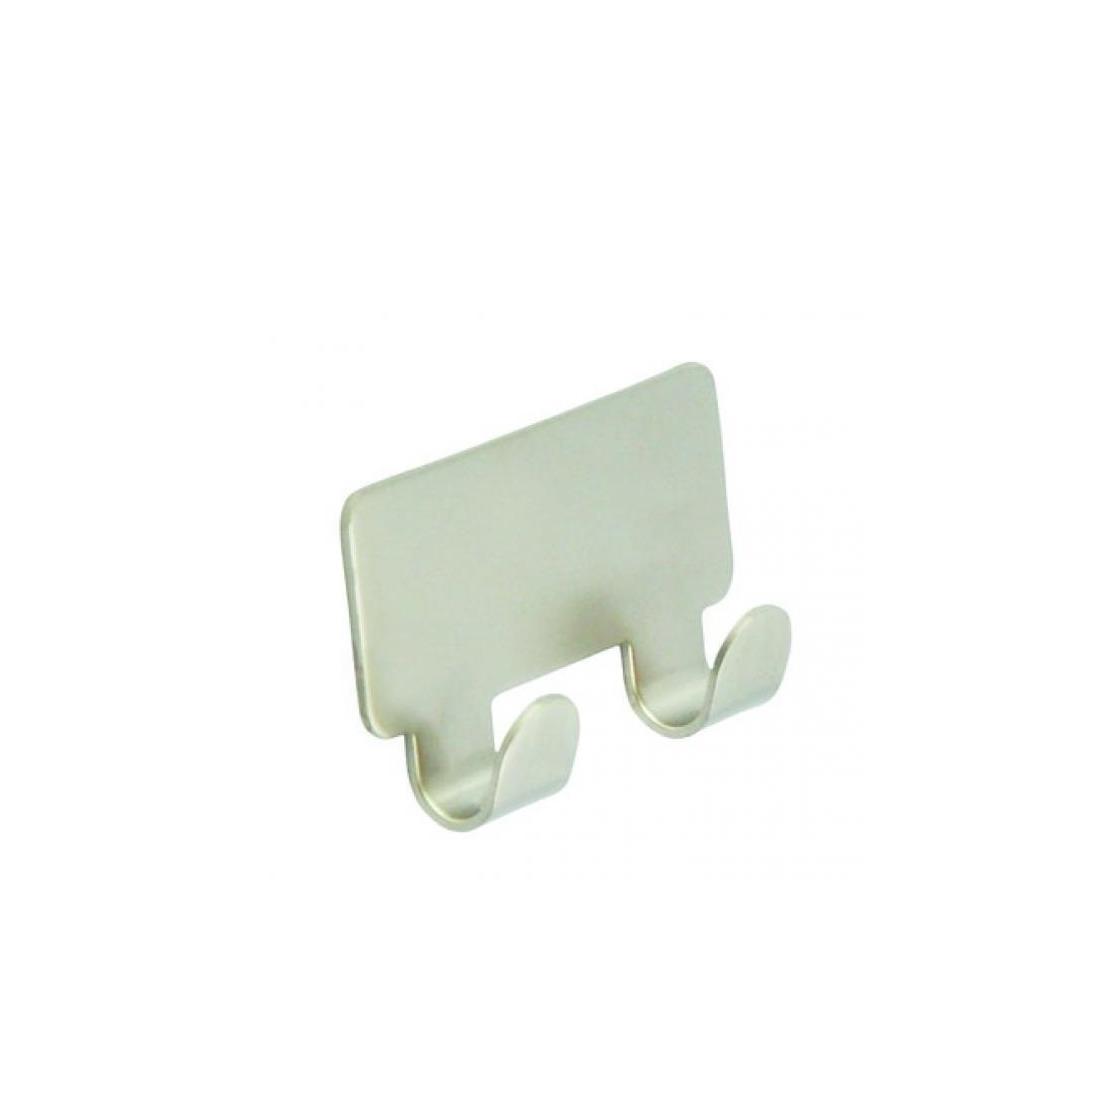 1x luxe plakhaken handdoekhaken vierkant nikkel mat dubbele haak 4 2 x 7 2 cm